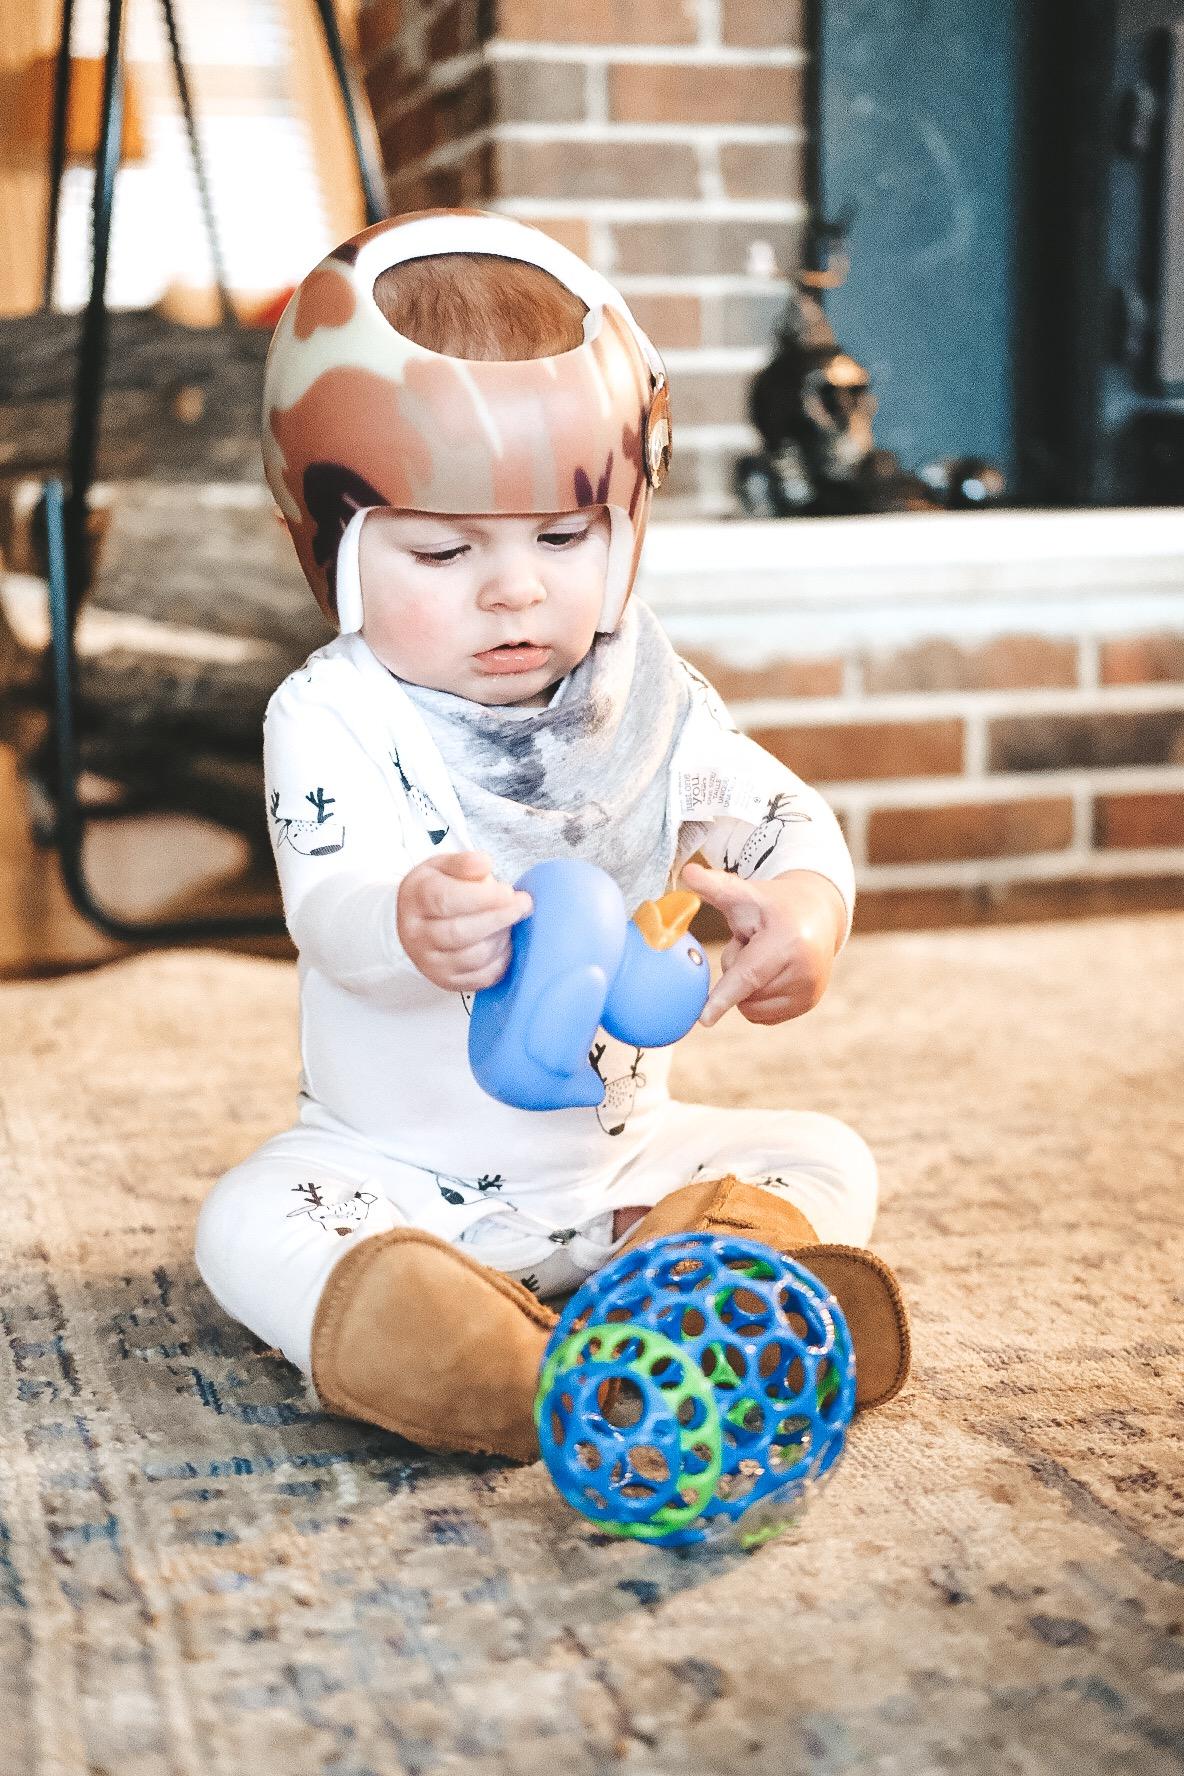 Jett Jones, 8 Months Old.  Baby Ugg Boots.  Starband helmet. HELMET TREATMENT FOR PLAGIOCEPHALY.